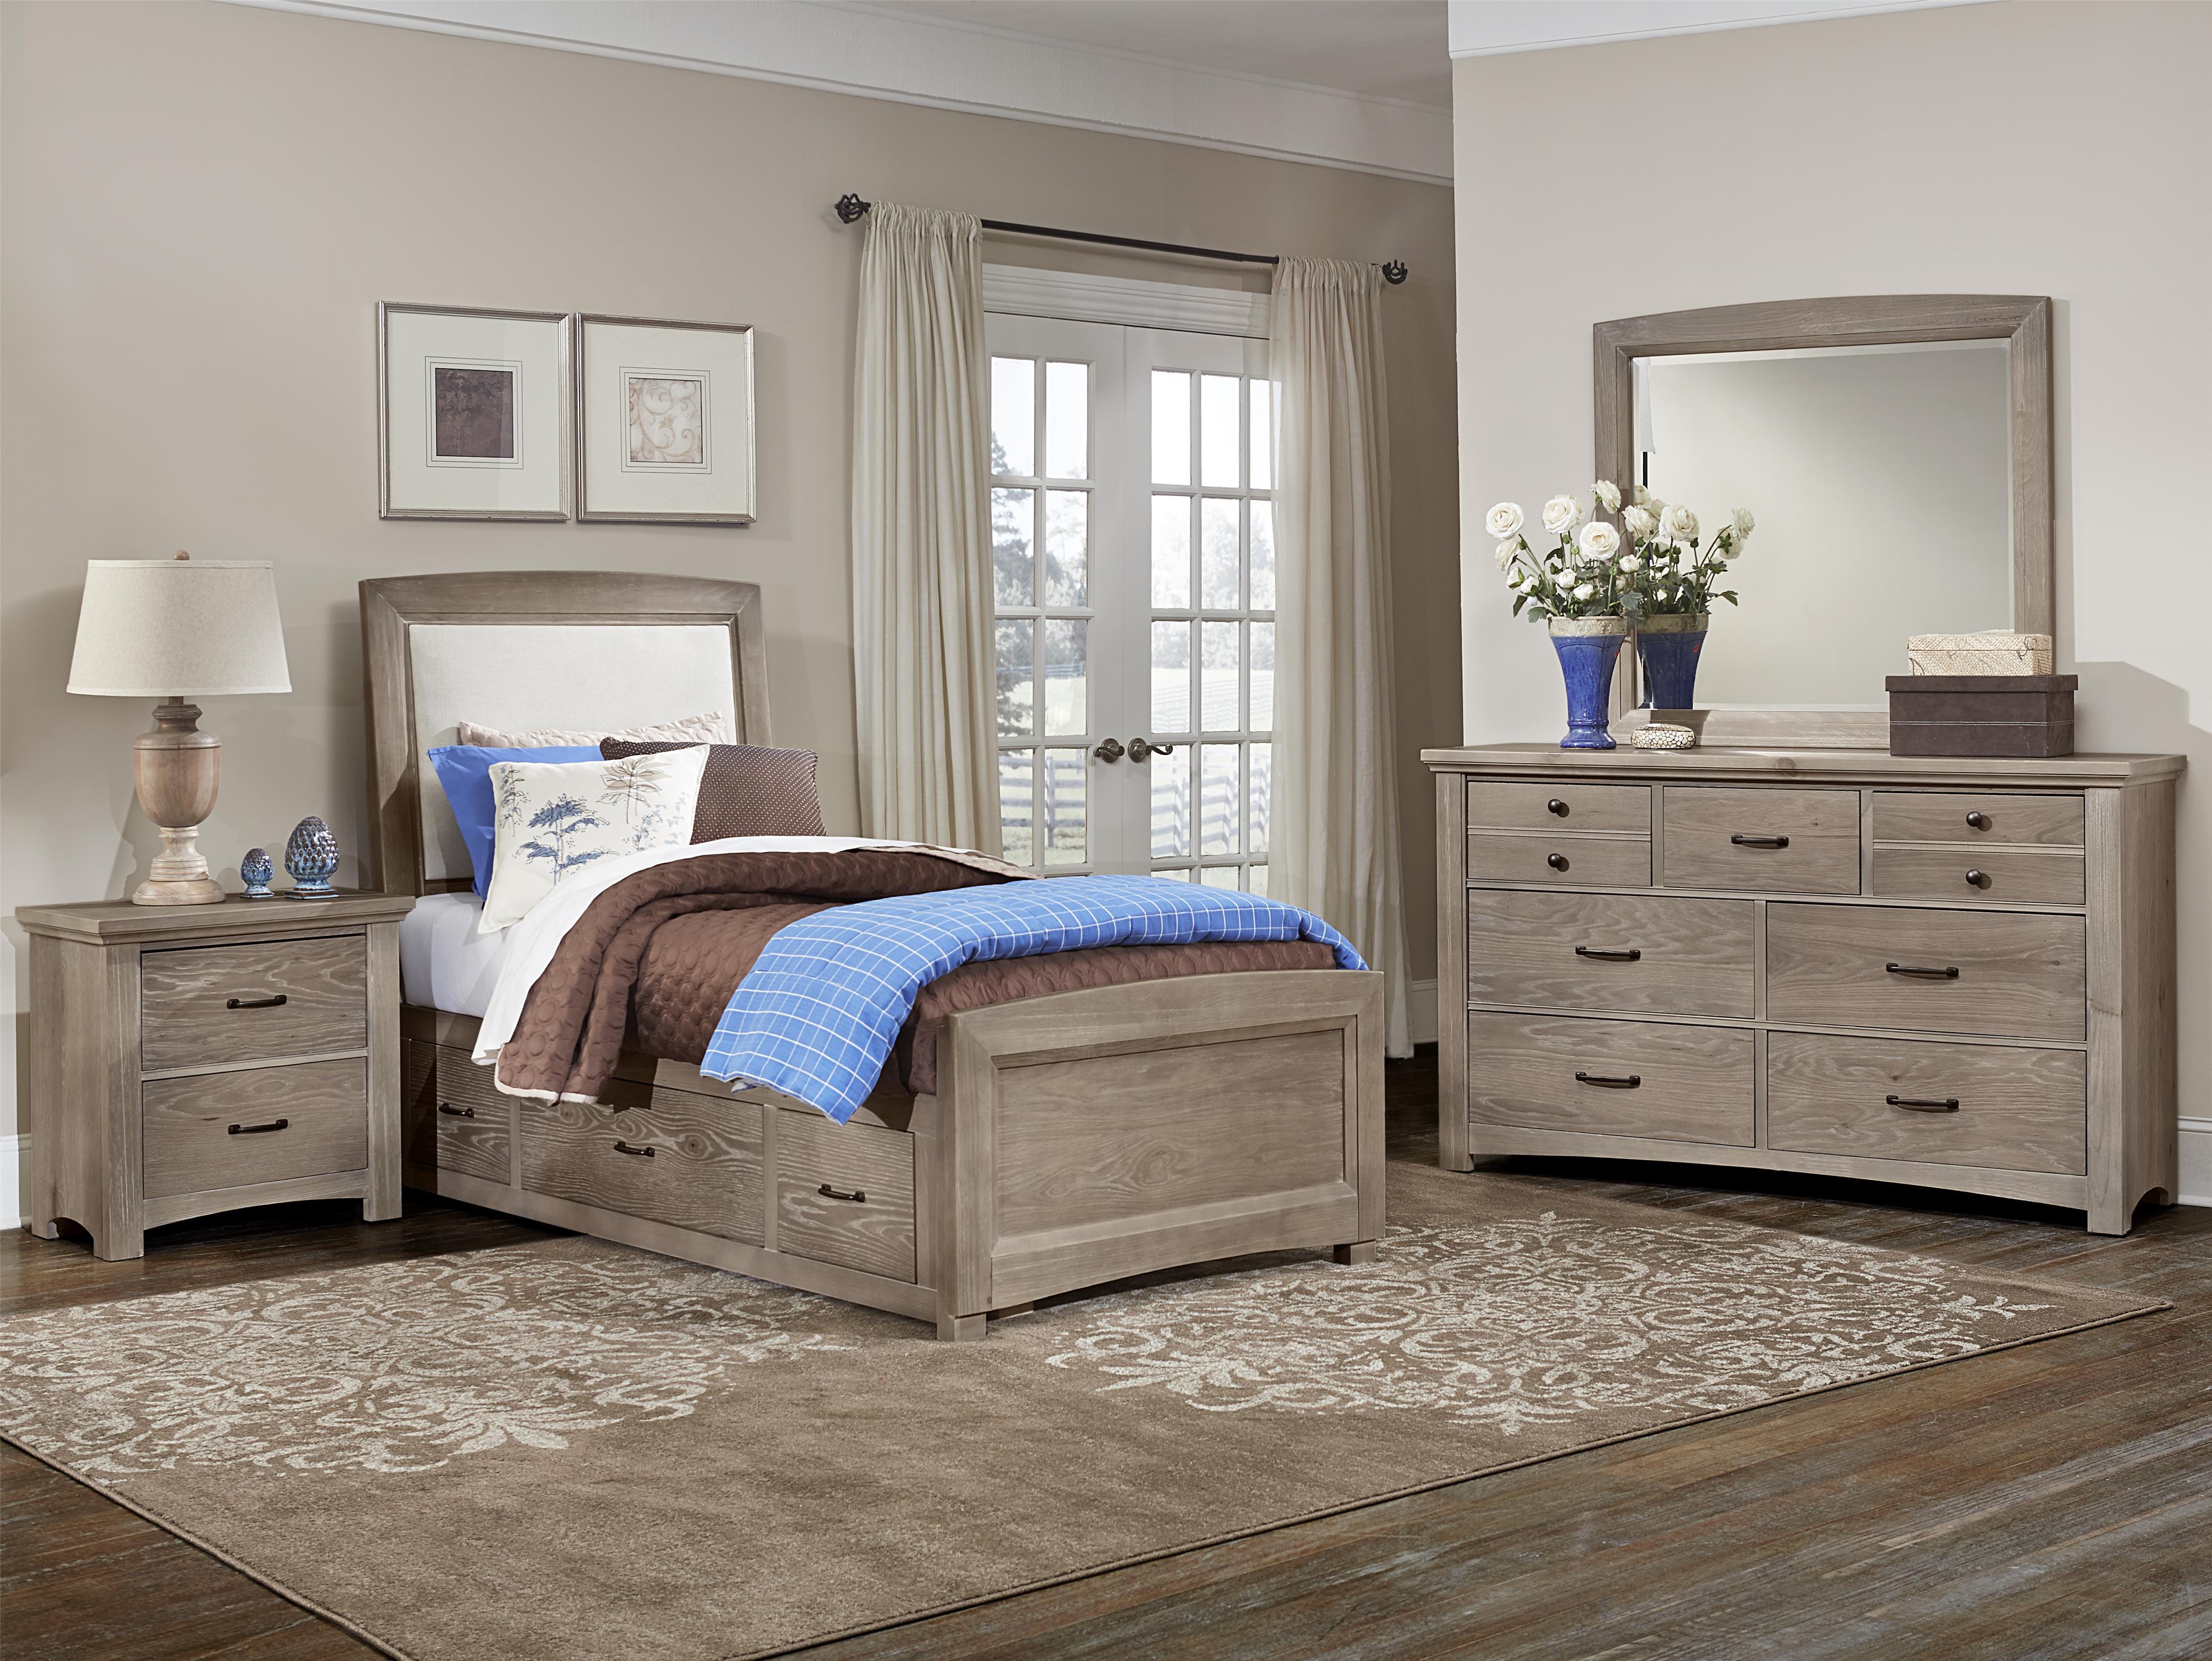 vaughan bassett transitions twin bedroom group olinde 39 s furniture bedroom groups. Black Bedroom Furniture Sets. Home Design Ideas